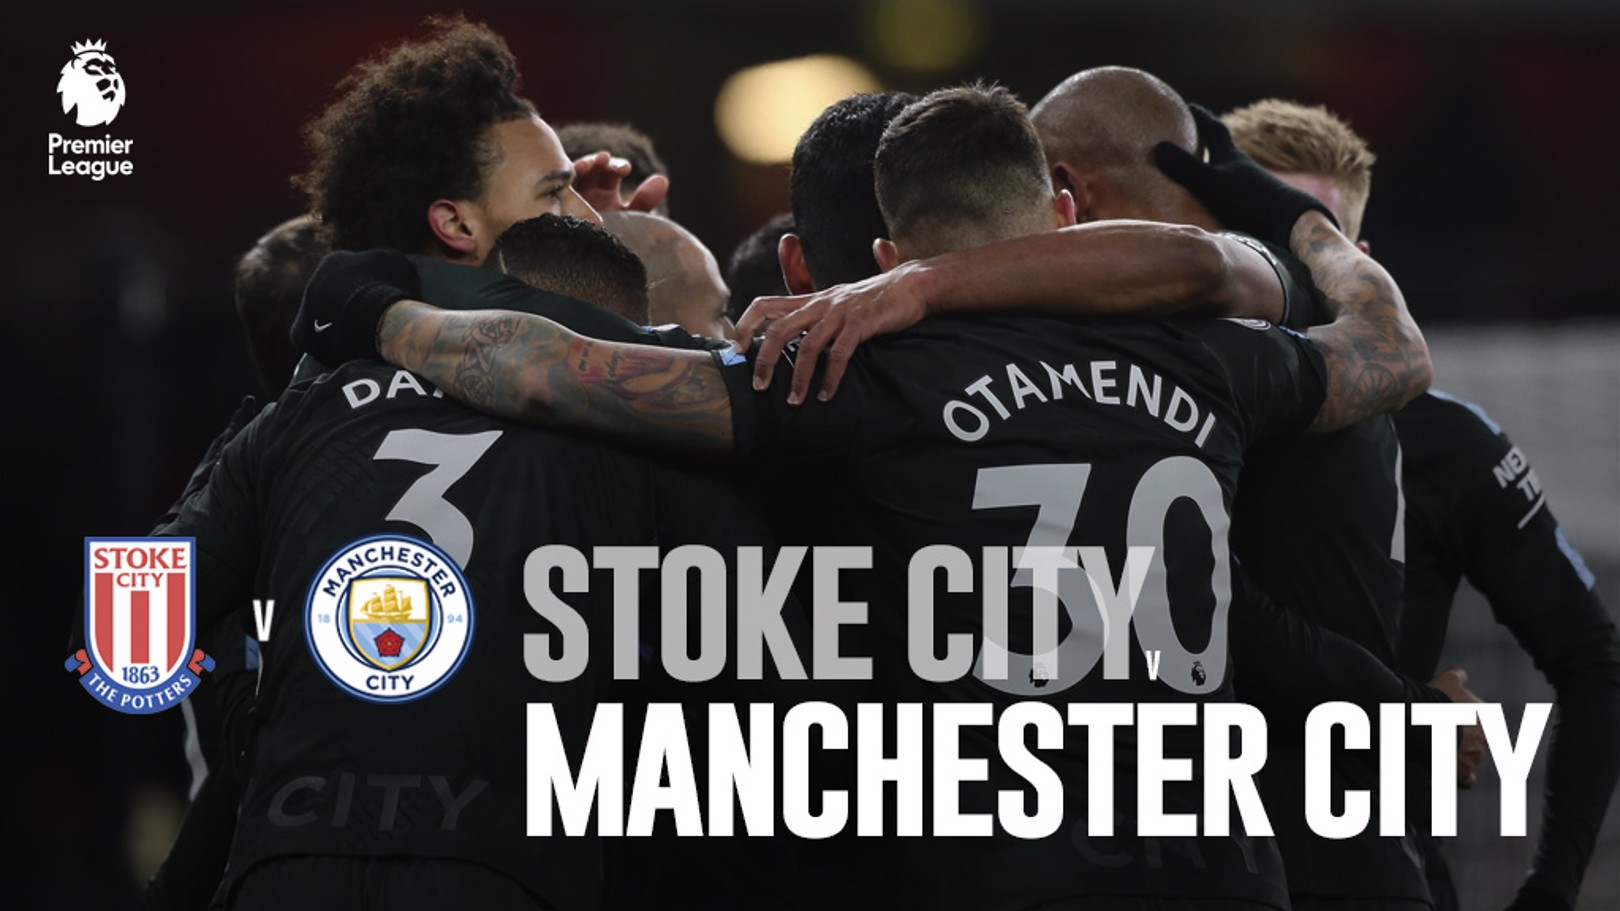 Stoke City - Manchester City.